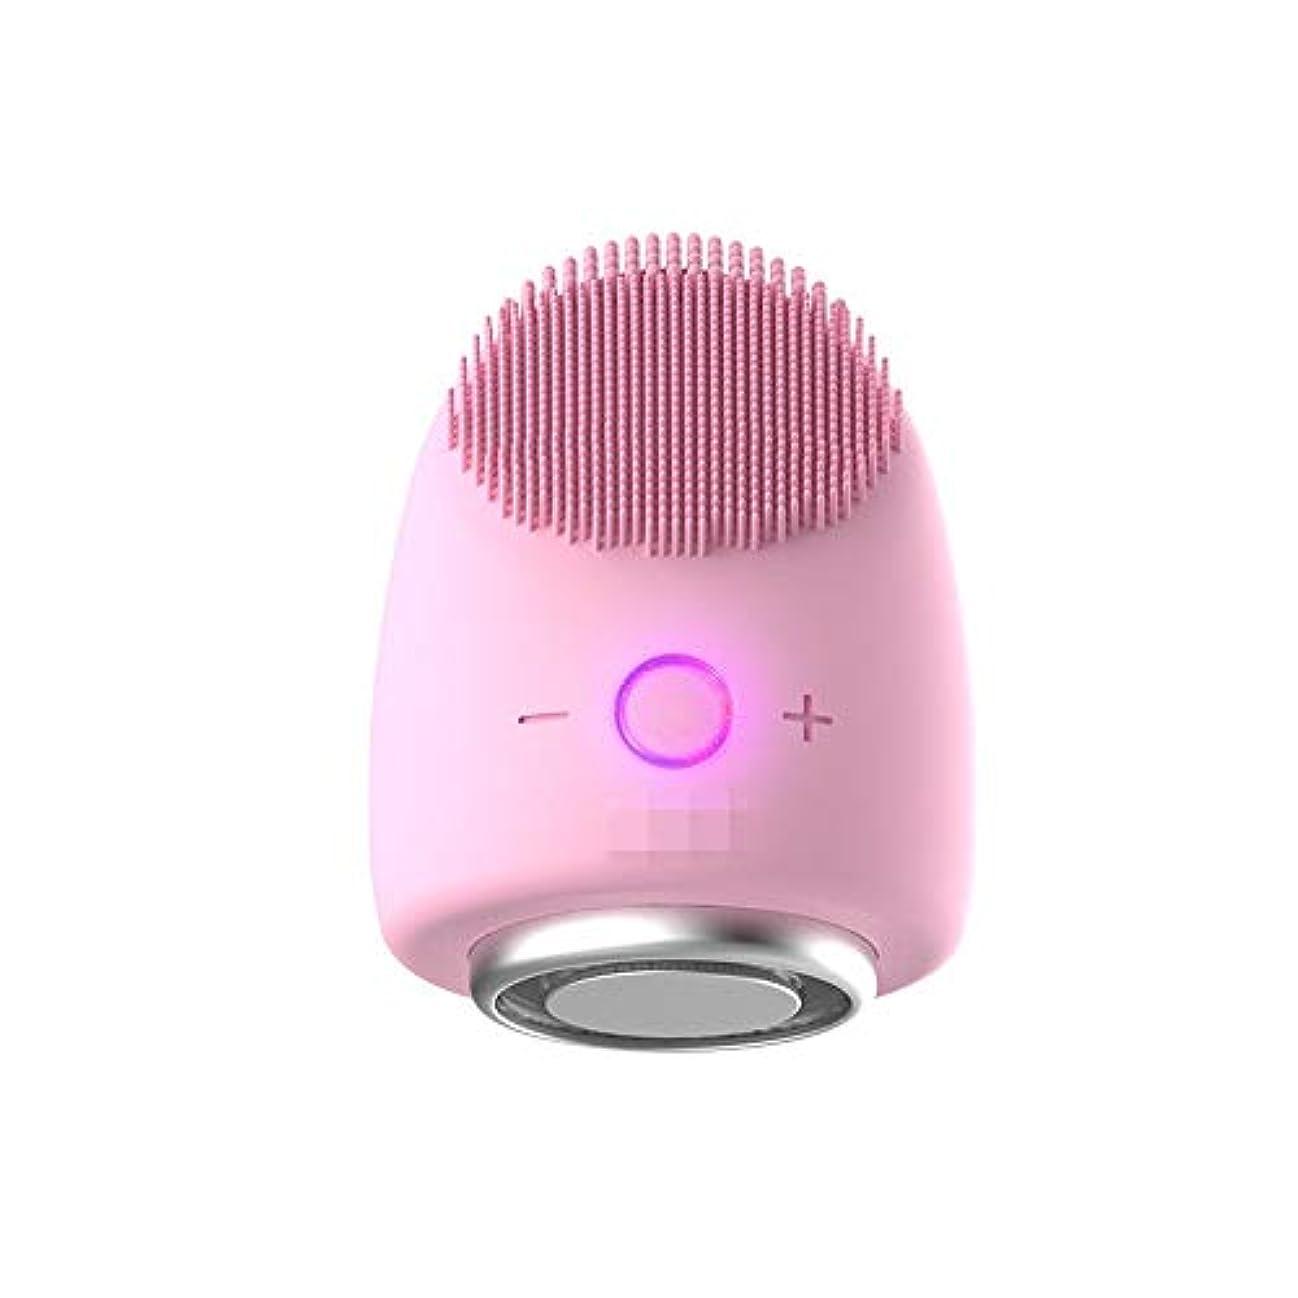 イブニング純度のぞき穴LYgMV 多機能美容器具洗浄器具導入器具凝縮ホットドレッシング肌活性化器具 (Color : ピンク)